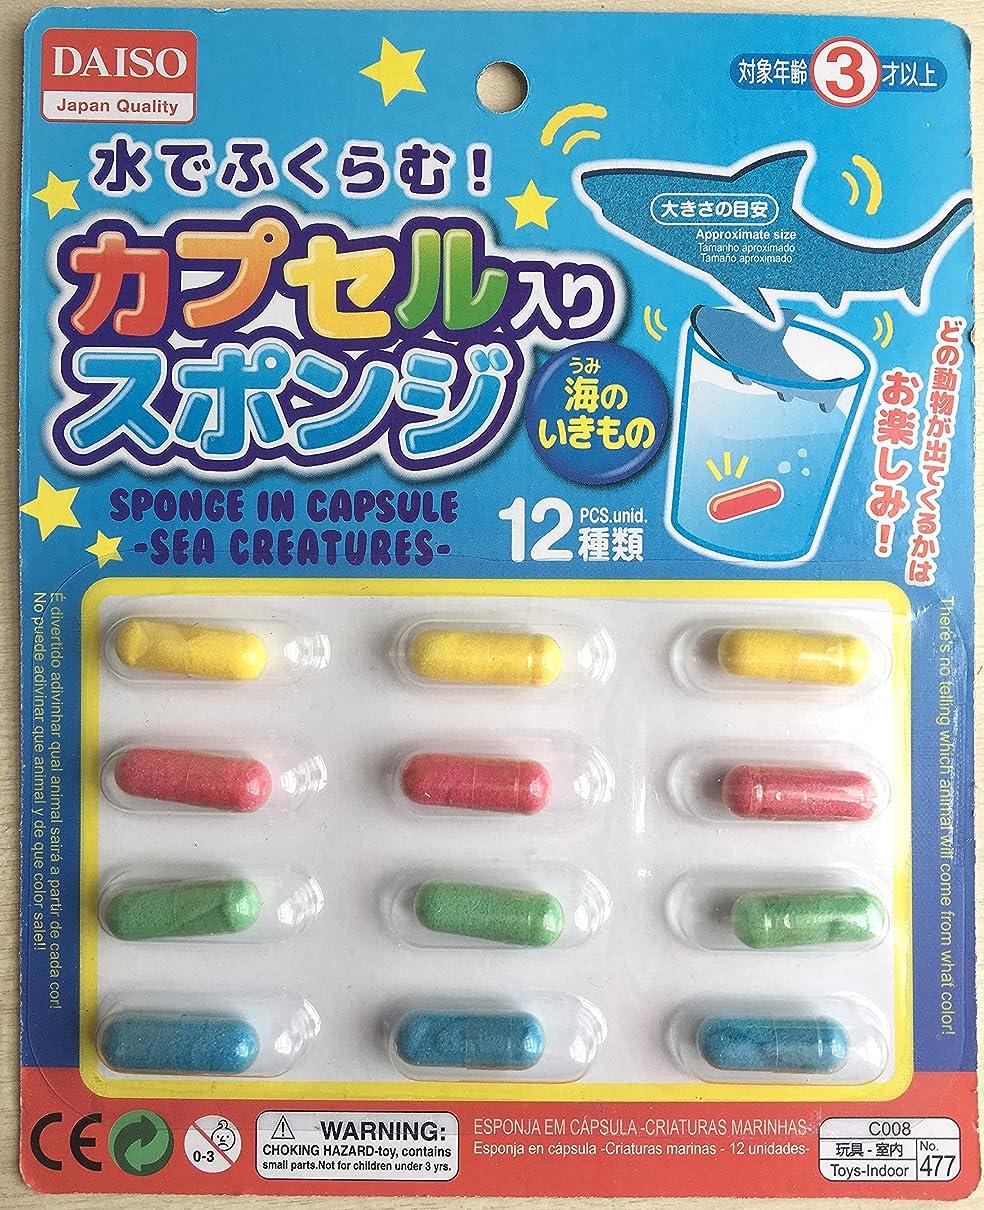 クラッチ人工的な歯痛水でふくらむ カプセル入りスポンジ 海のいきもの